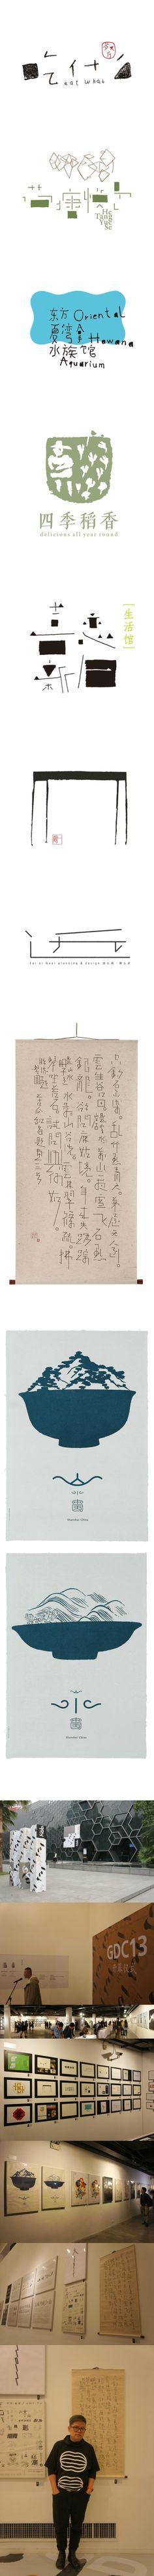 字體設計:恭喜@洪混混 九件作品入選GDC13。 - 微博精選 - 微博台灣站